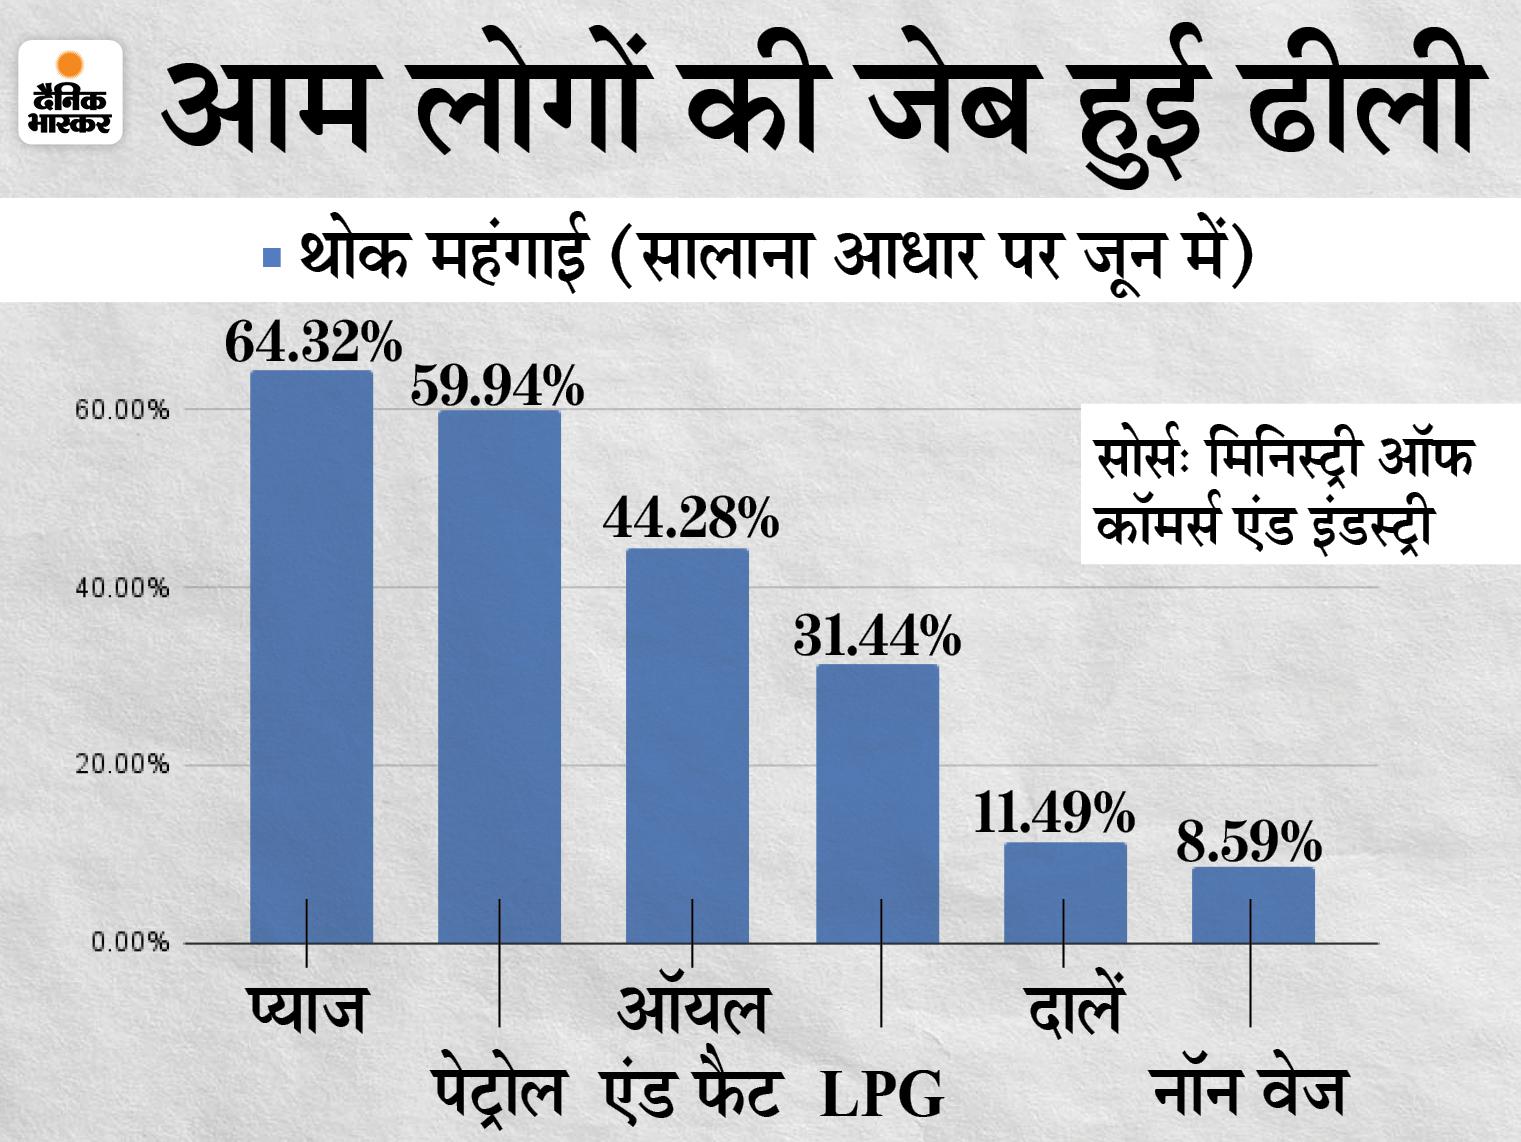 जून में होलसेल महंगाई दर मामूली गिरावट के साथ 12.07% पर आई, लेकिन रसोई गैस 31.44% और पेट्रोल 60% महंगा|बिजनेस,Business - Dainik Bhaskar